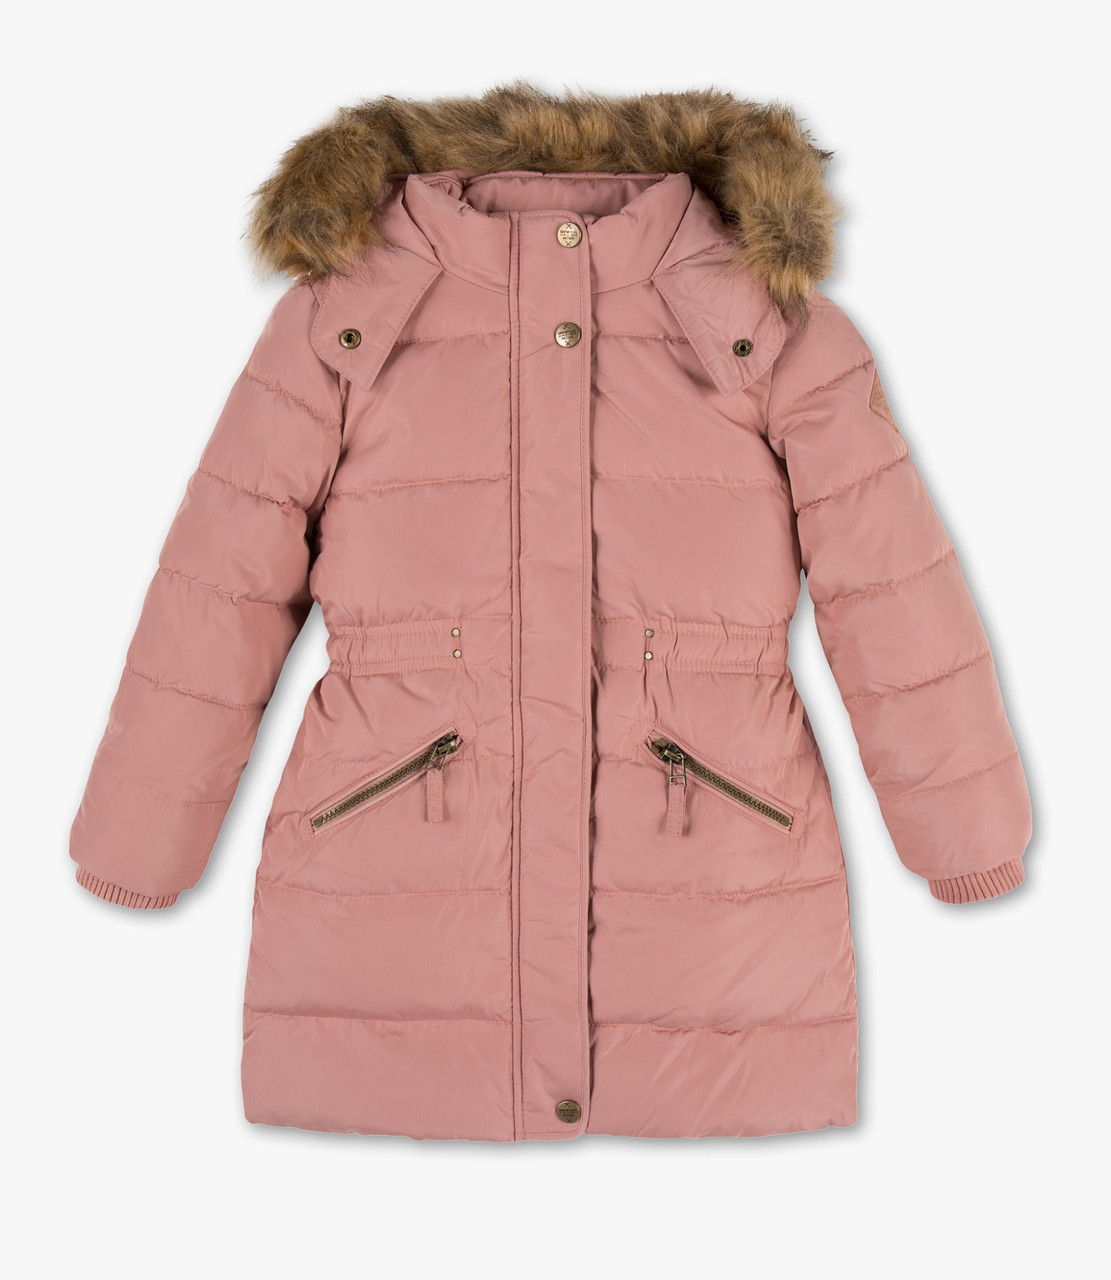 Детский зимний пуховик на девочку C&A Германия Размер 122